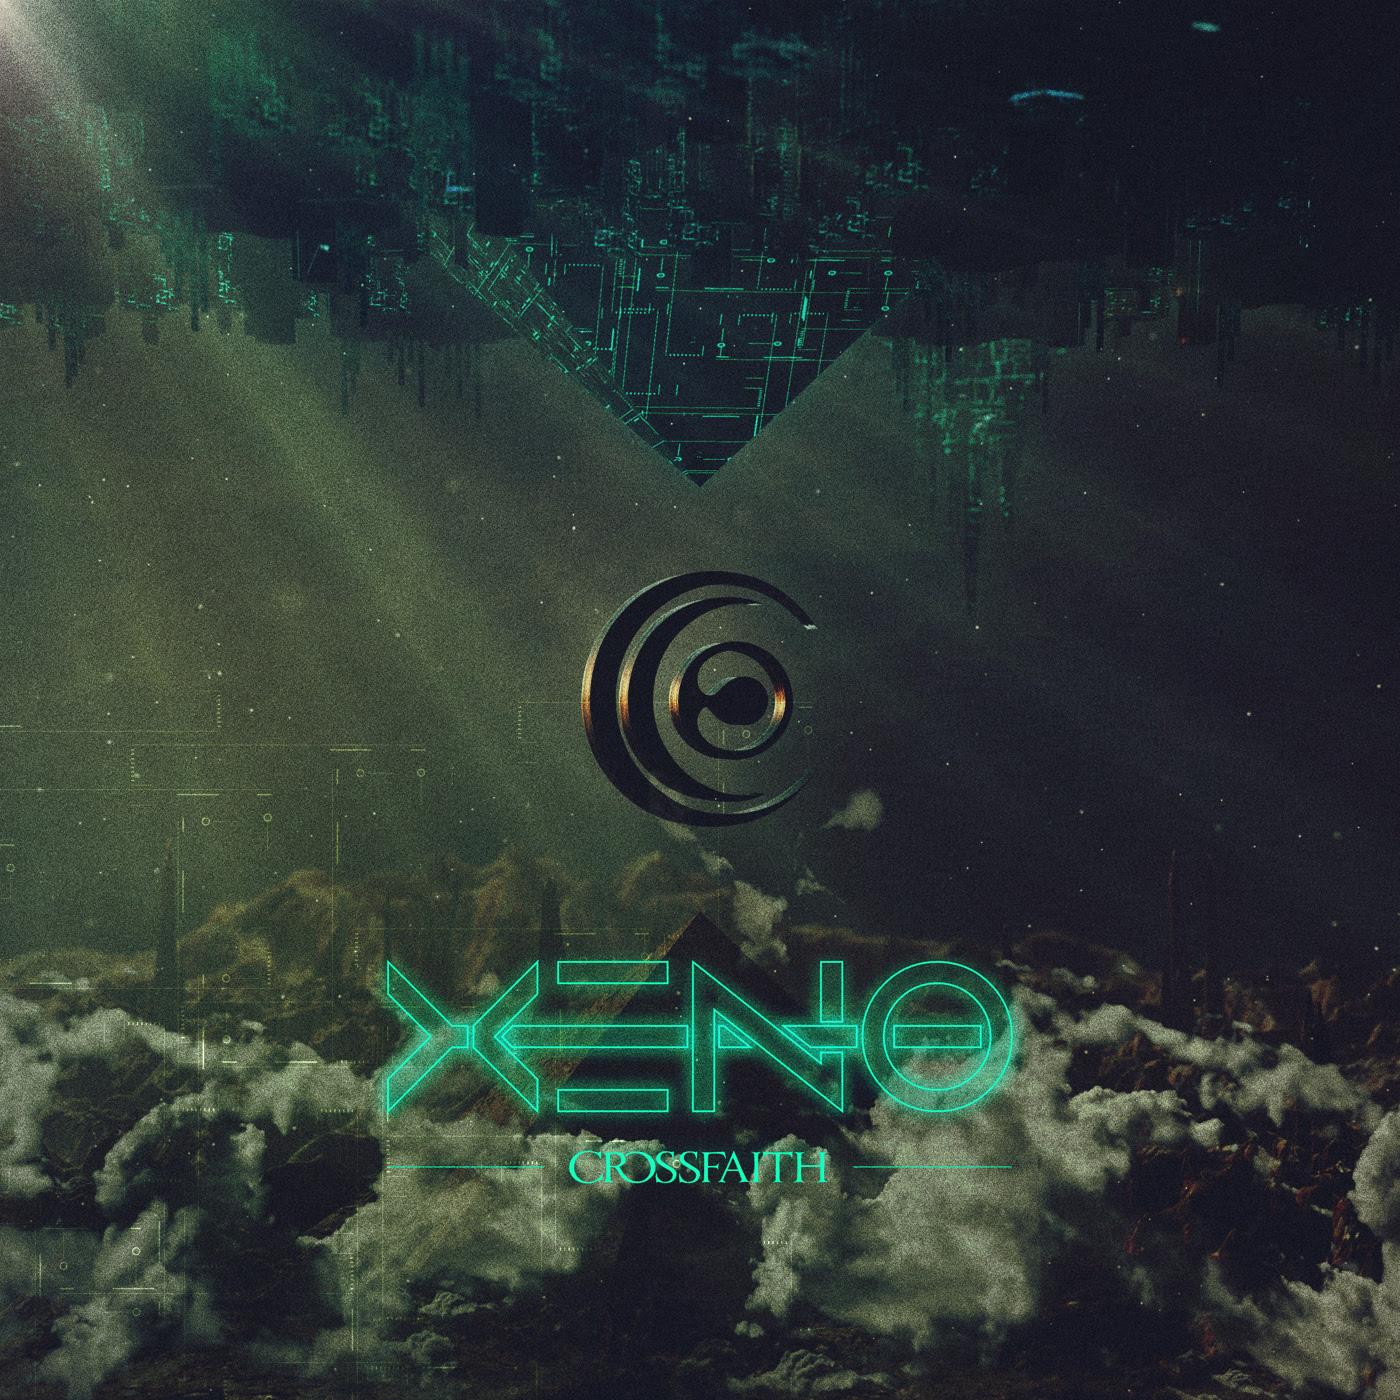 CROSSFAITH - Xeno cover